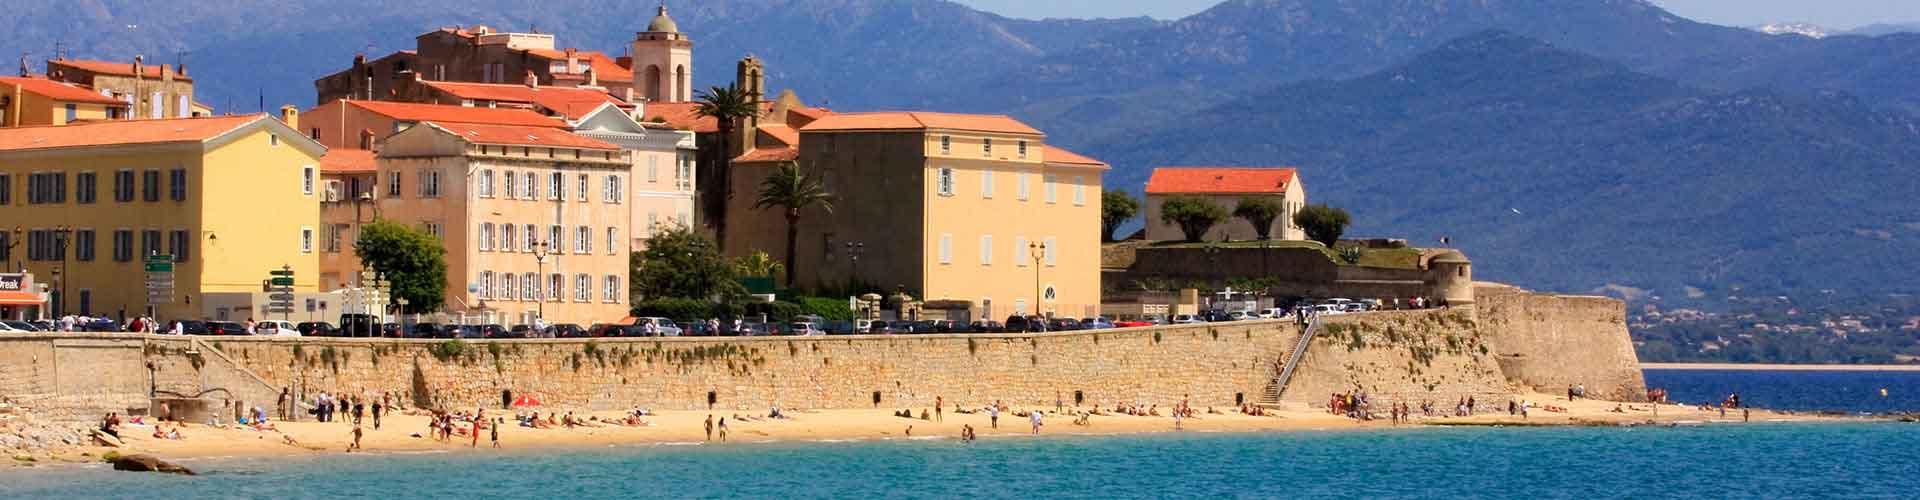 Ajaccio - Hostales en Ajaccio. Mapas de Ajaccio, Fotos y comentarios de cada Hostal en Ajaccio.